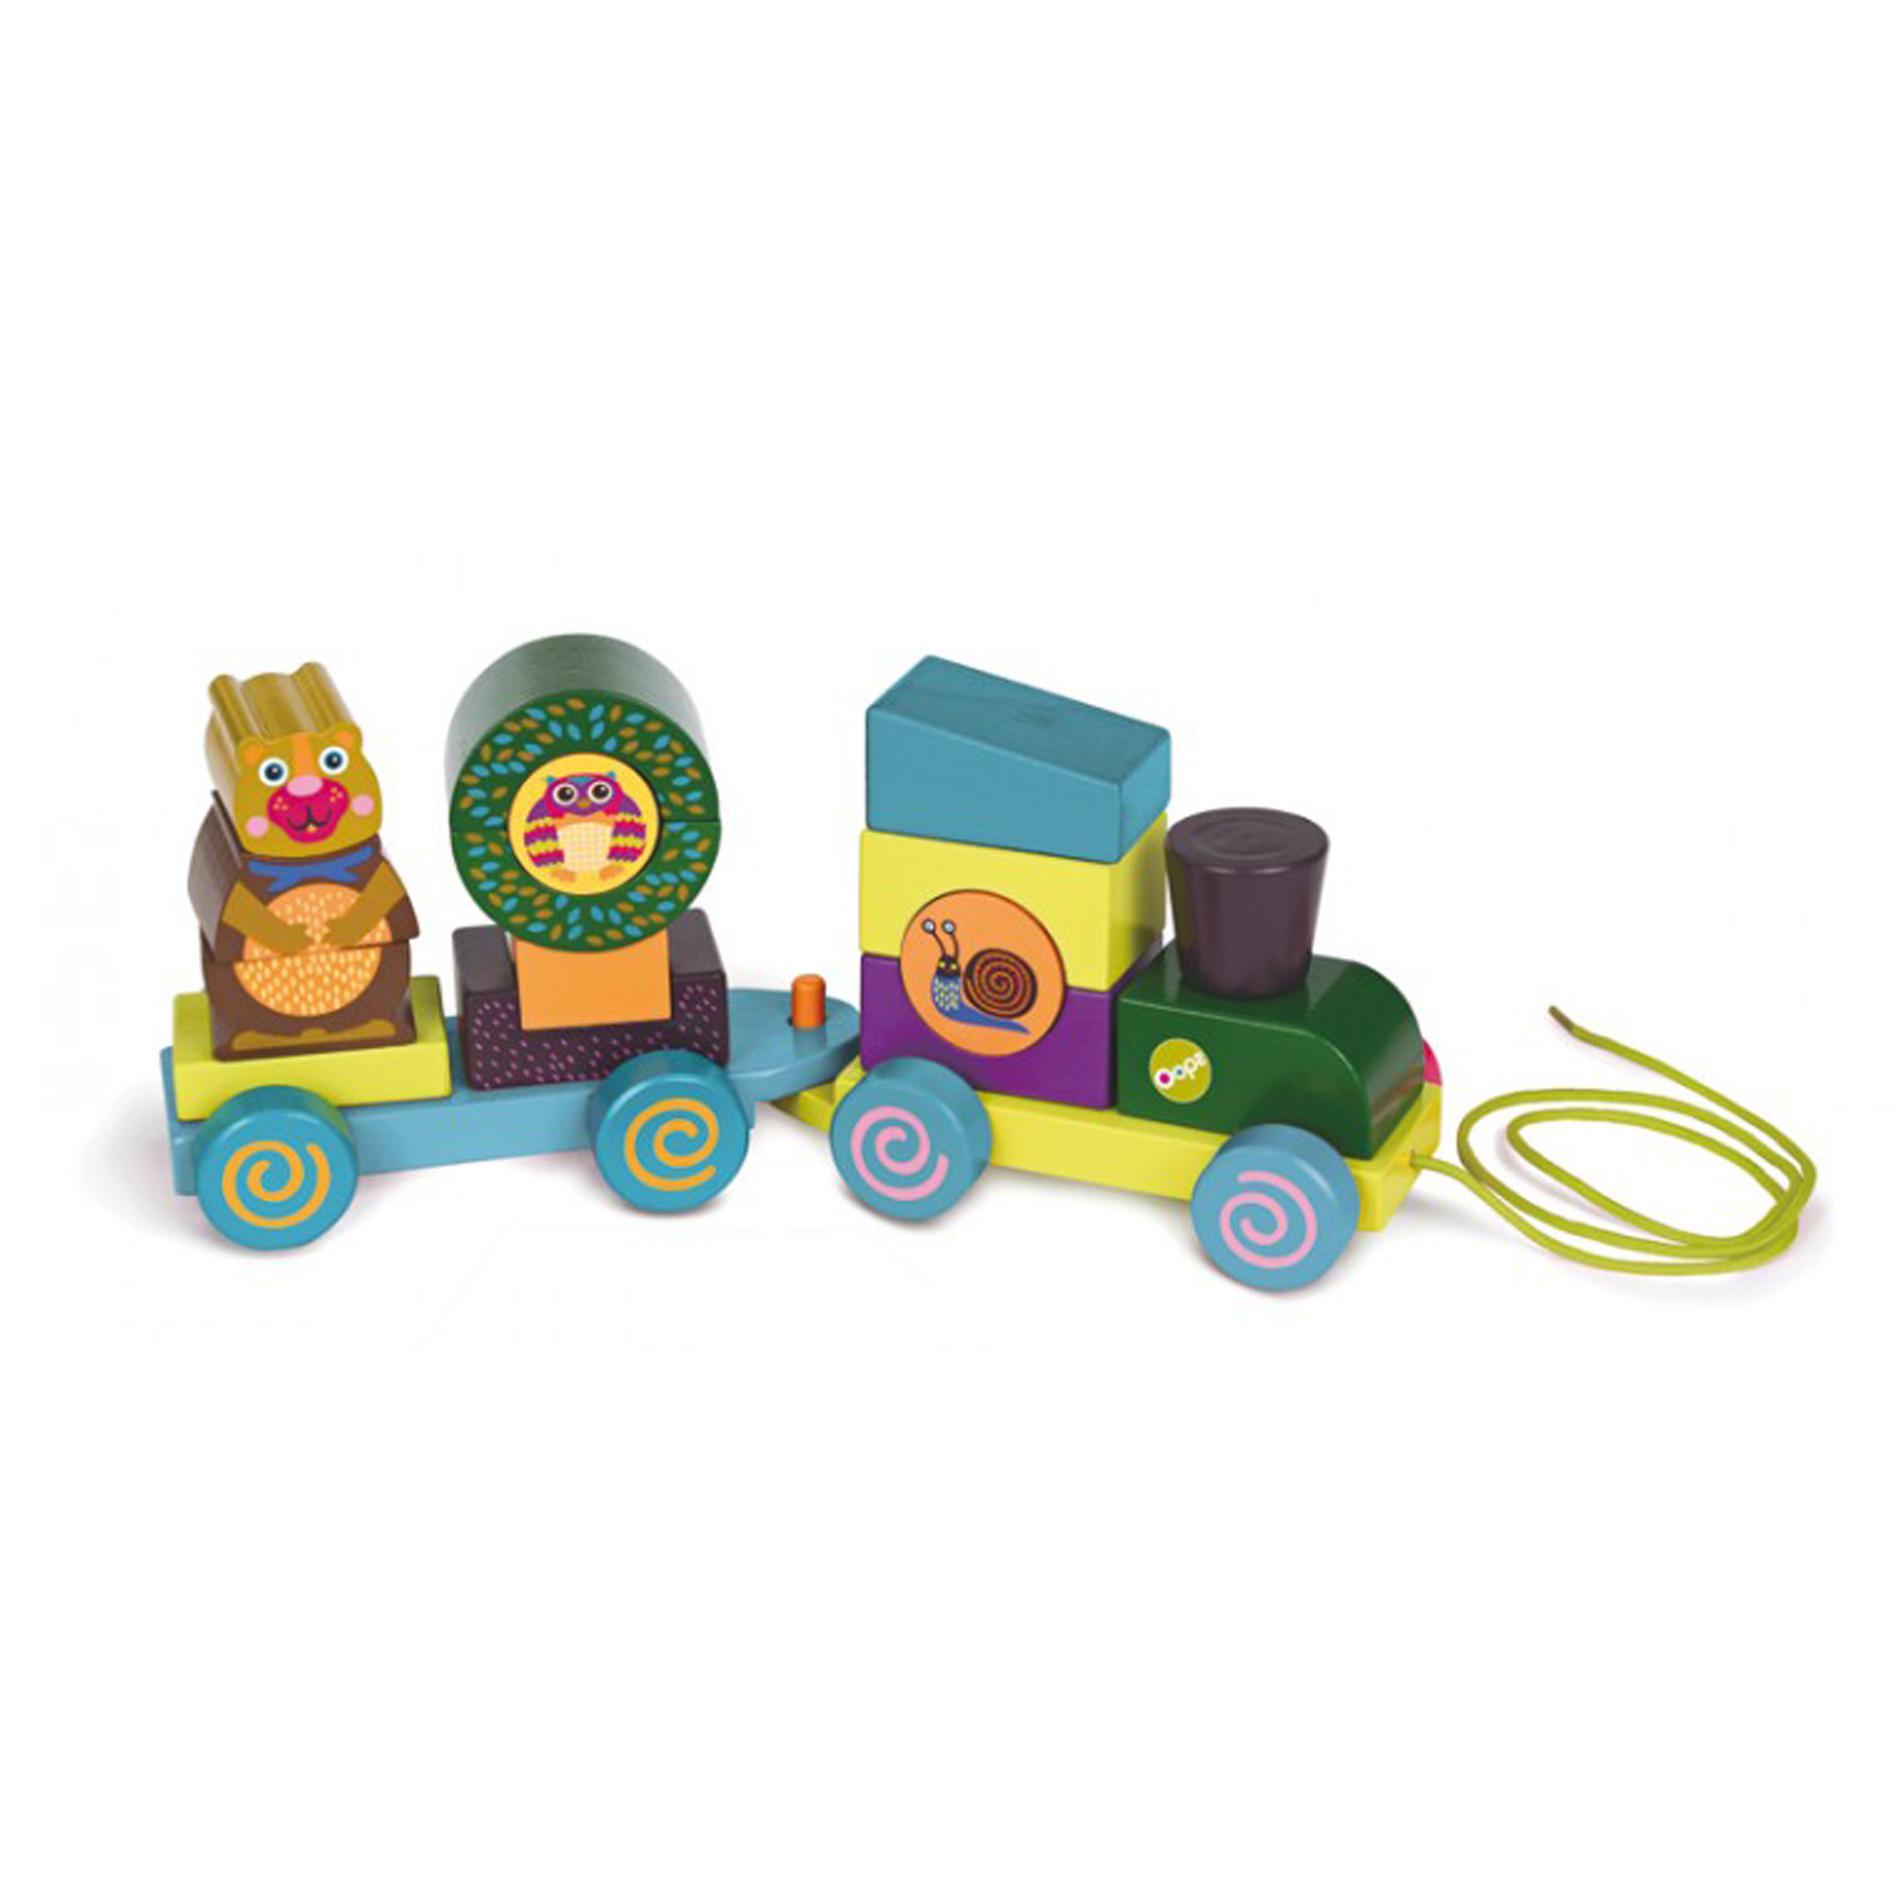 Конструктор-каталка деревянный OOPS Fun Forest Train, 17 элементов деревянный пазл oops собака 9 элементов